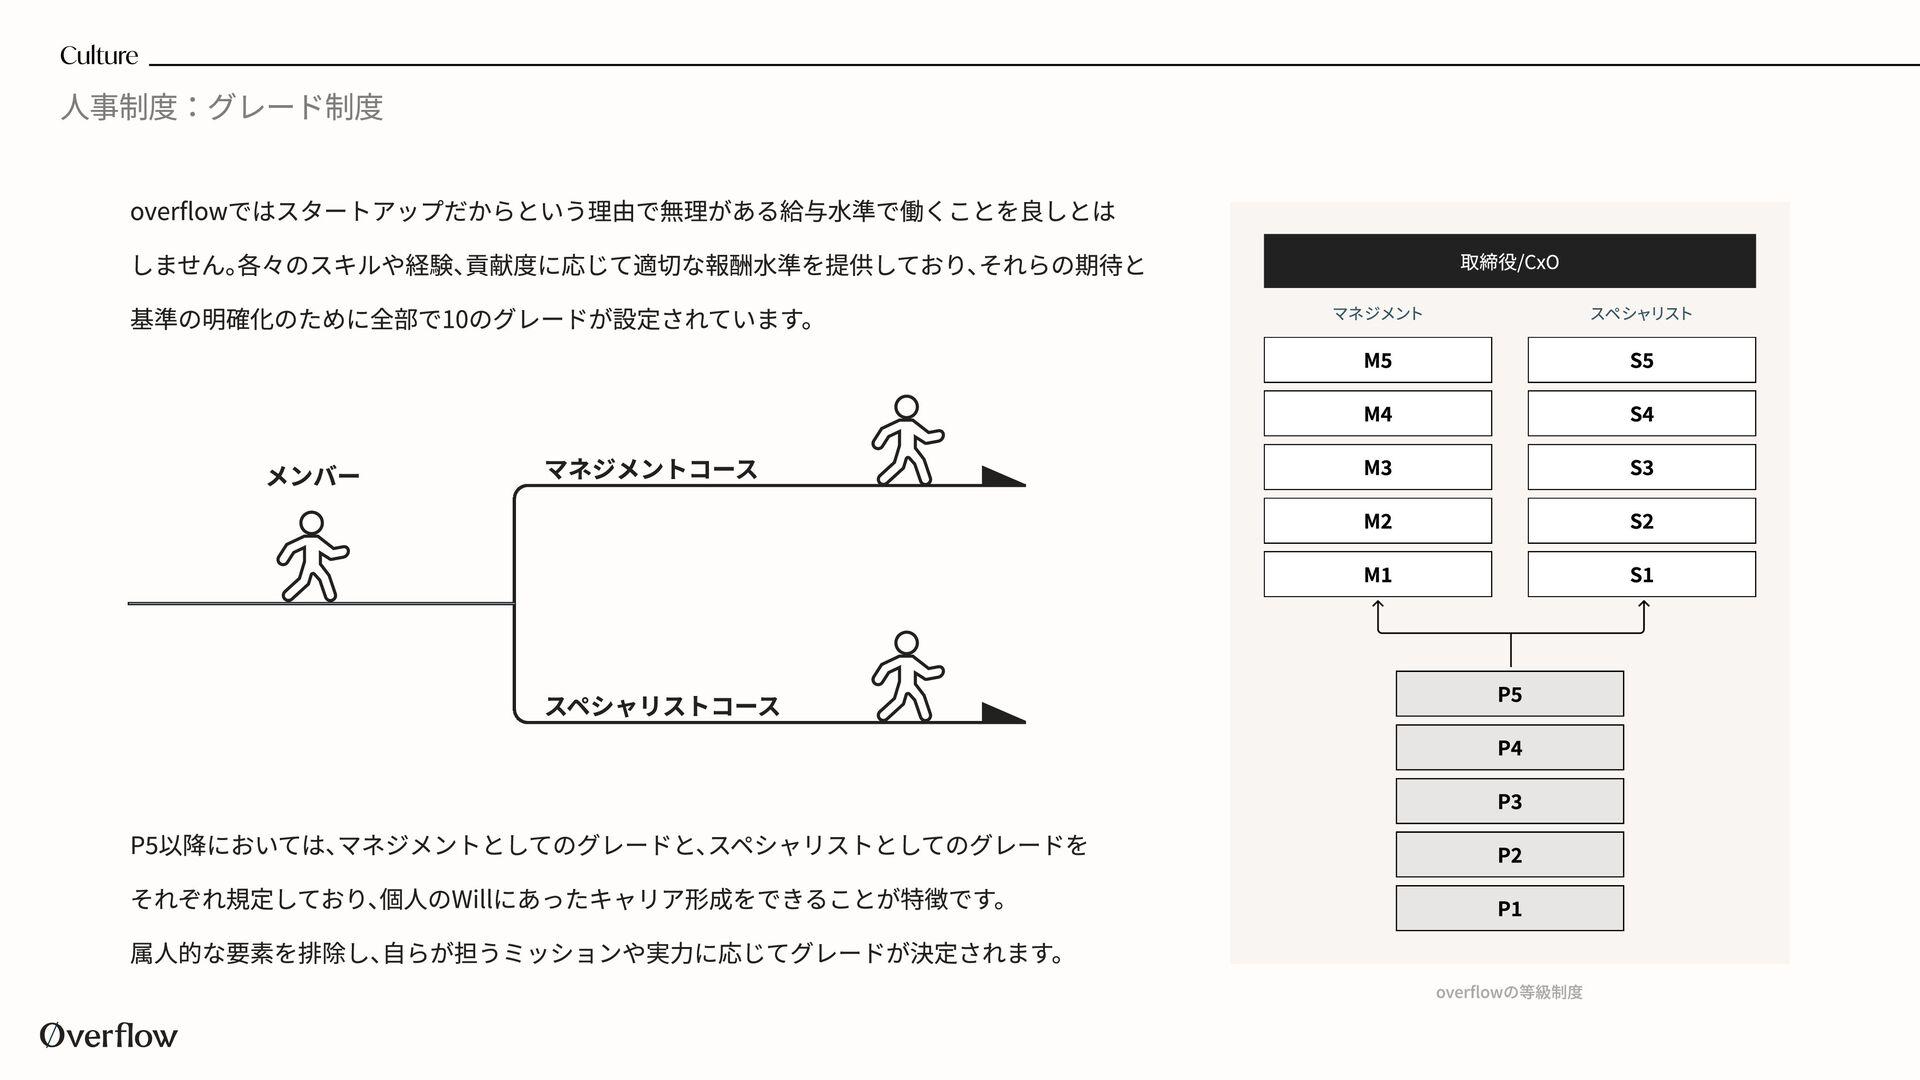 仕事の進め方 - PJ編 ロードマップ 中長期開発タスクを他チームでも見えるように管理  責任...